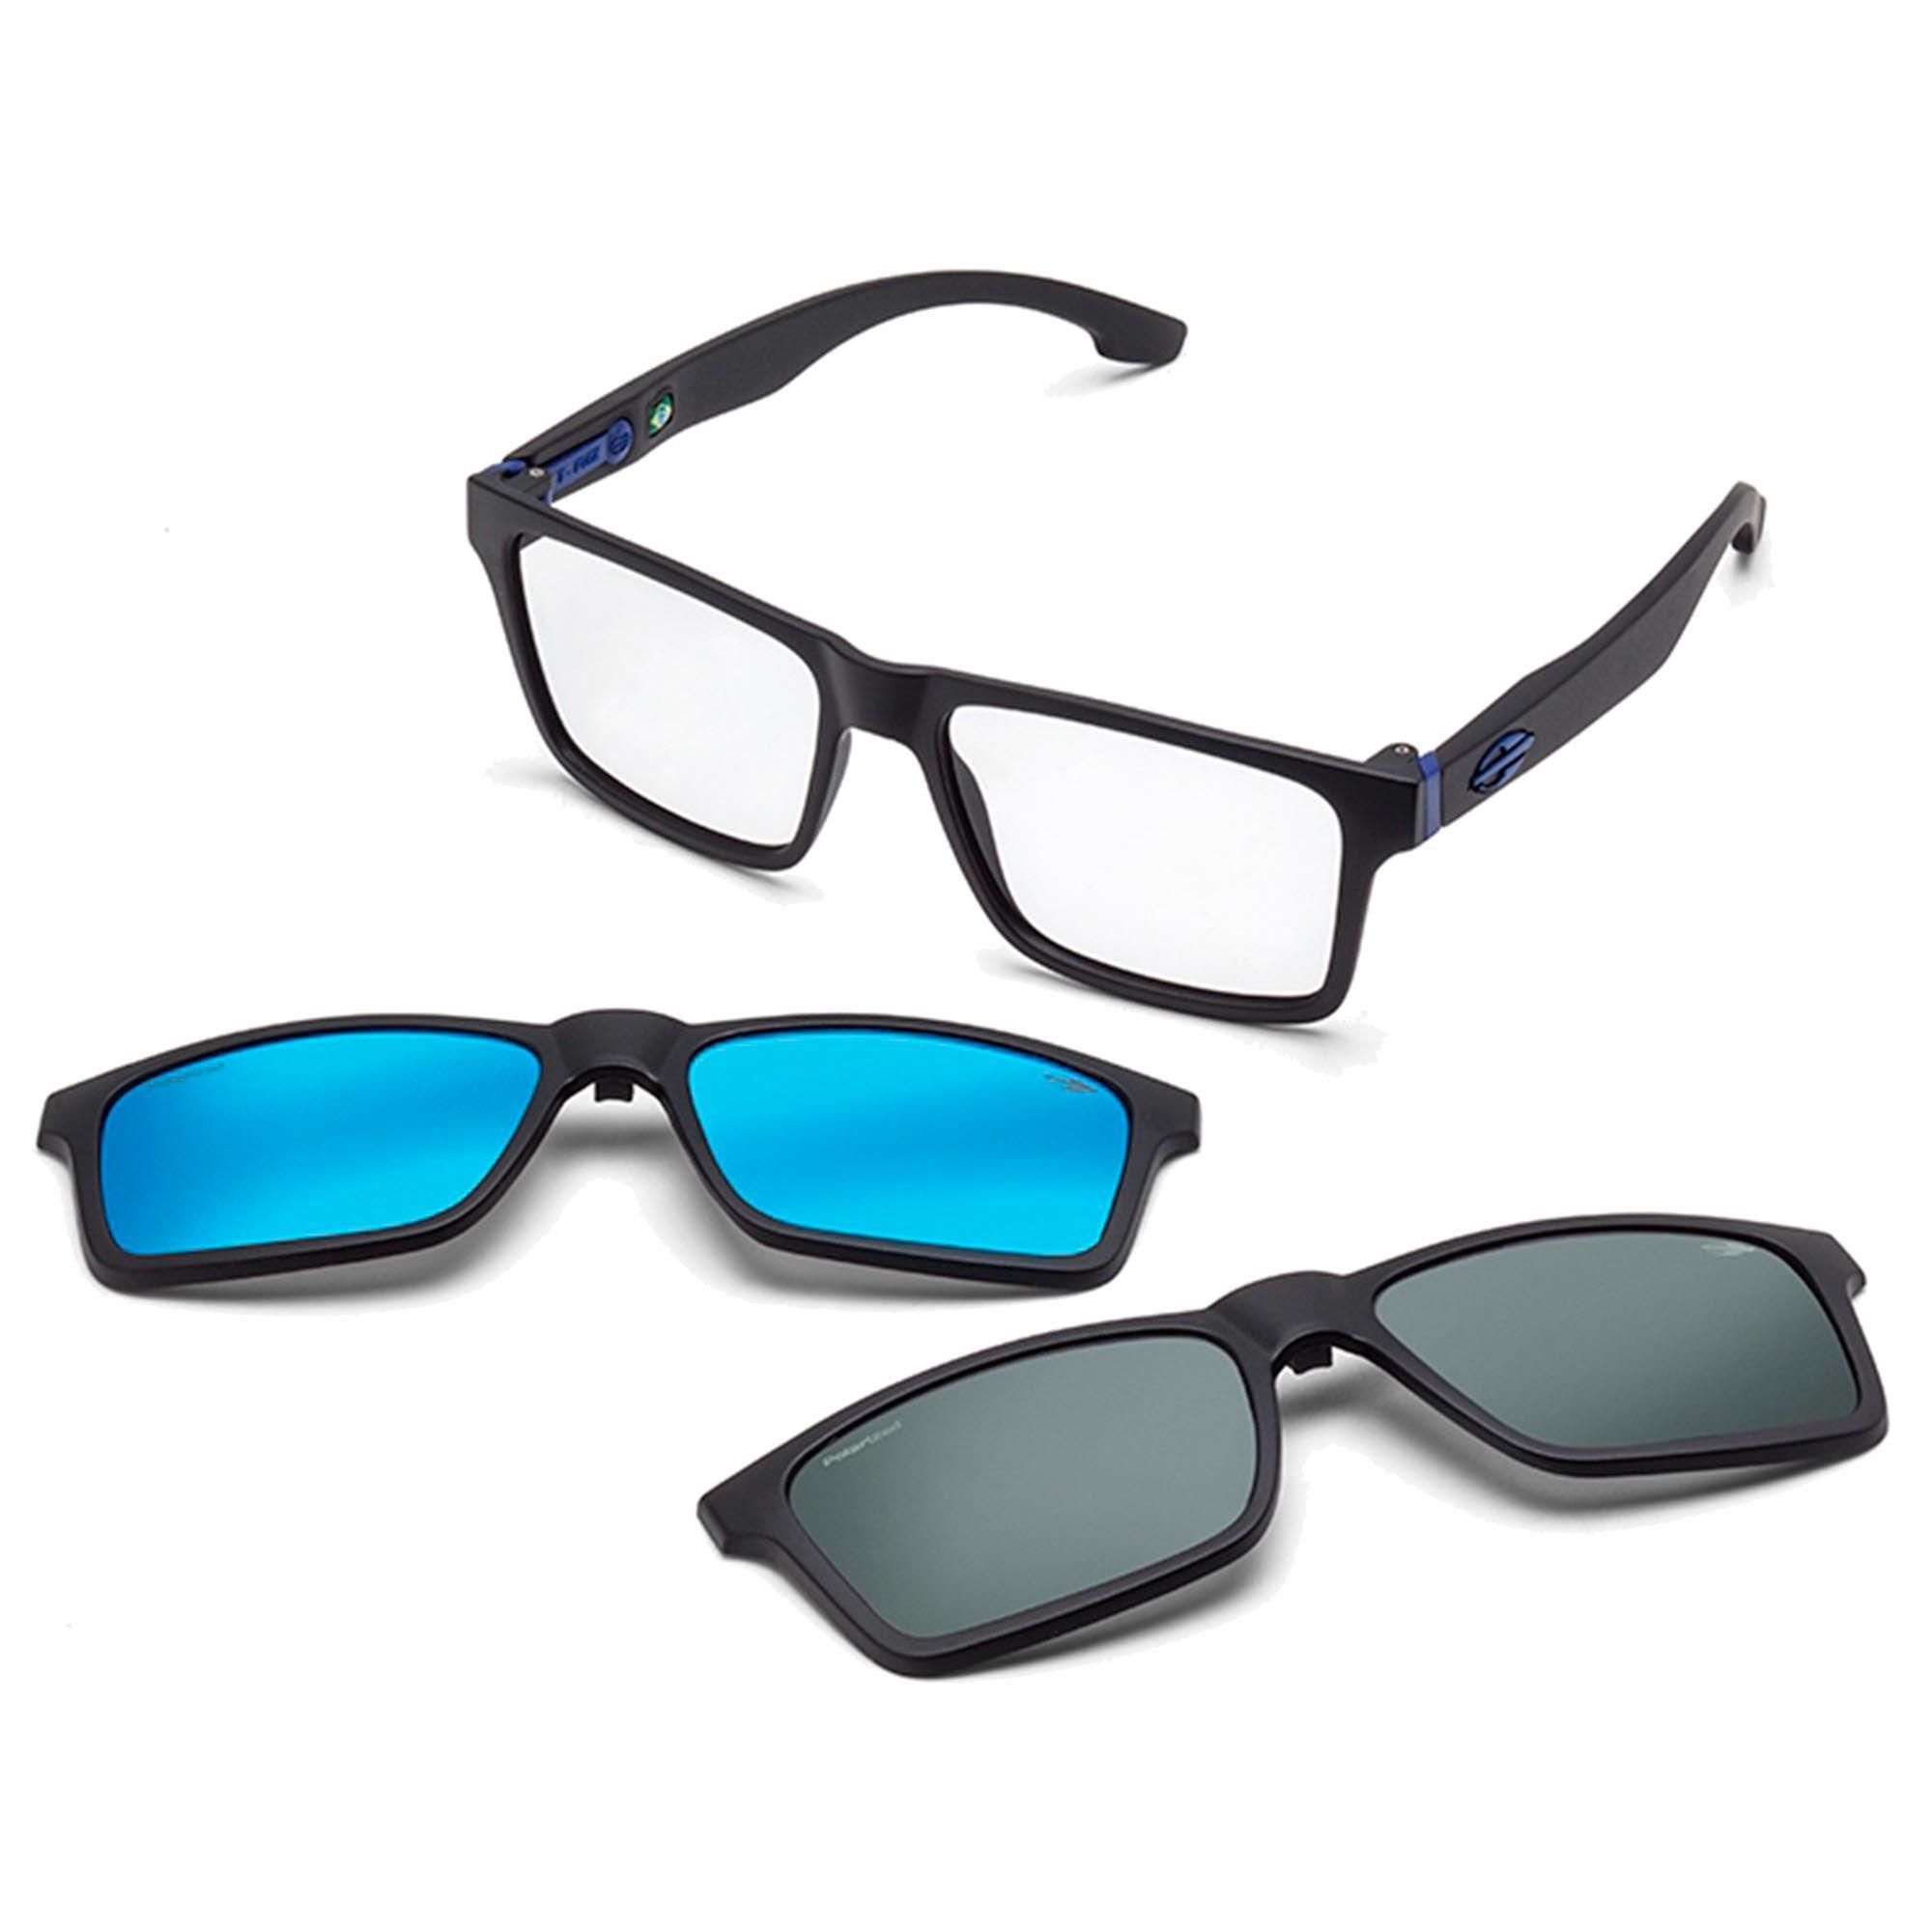 Óculos de Grau Unissex Mormaii Swap M6057A4156 Clip On Solar Polarizado